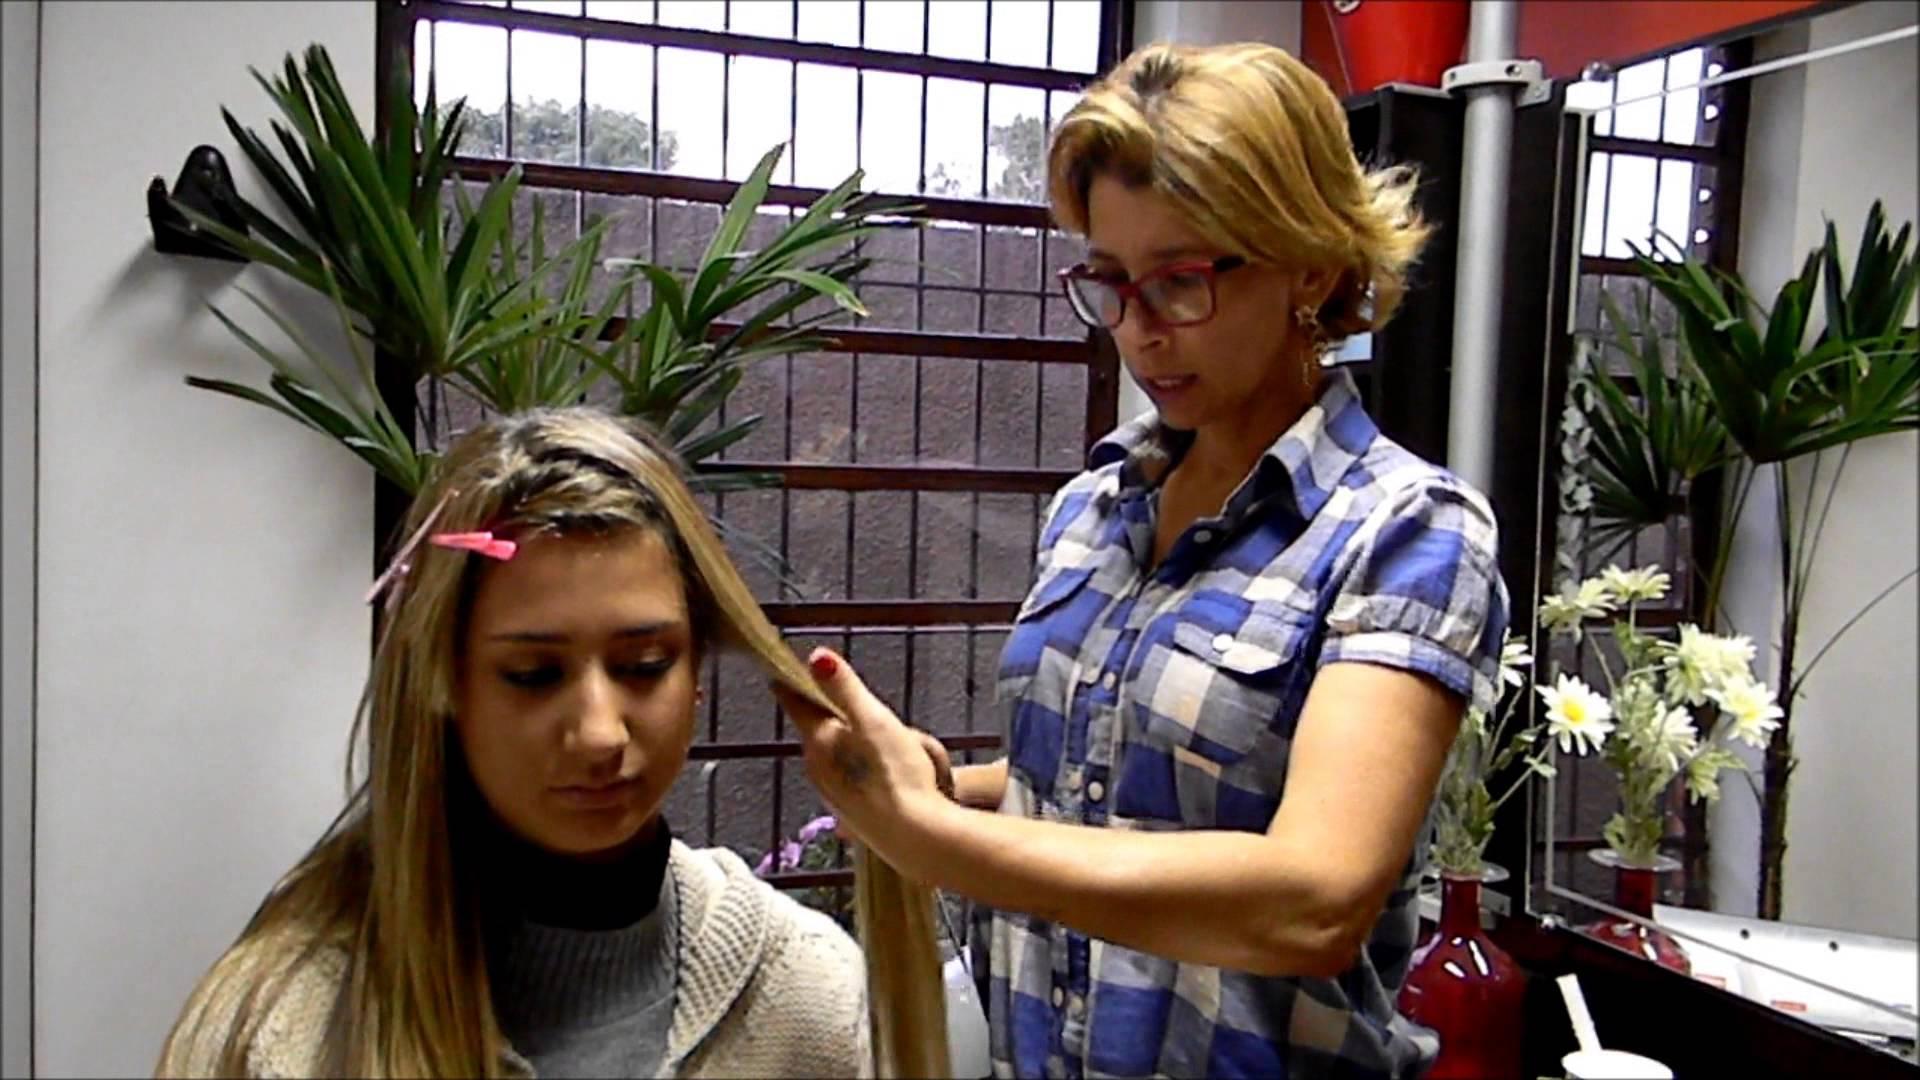 فيديو صادم: احرقي شعرك بالشمعة لتقويته!